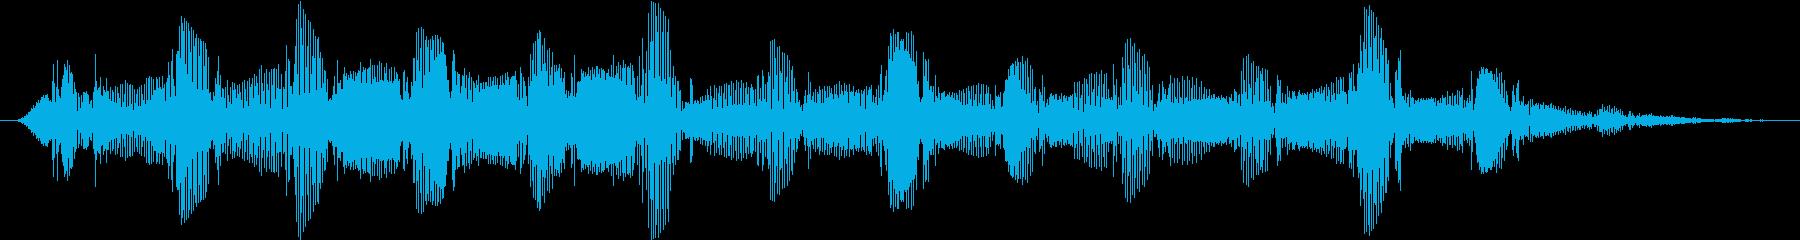 ドローン バスバブル03の再生済みの波形